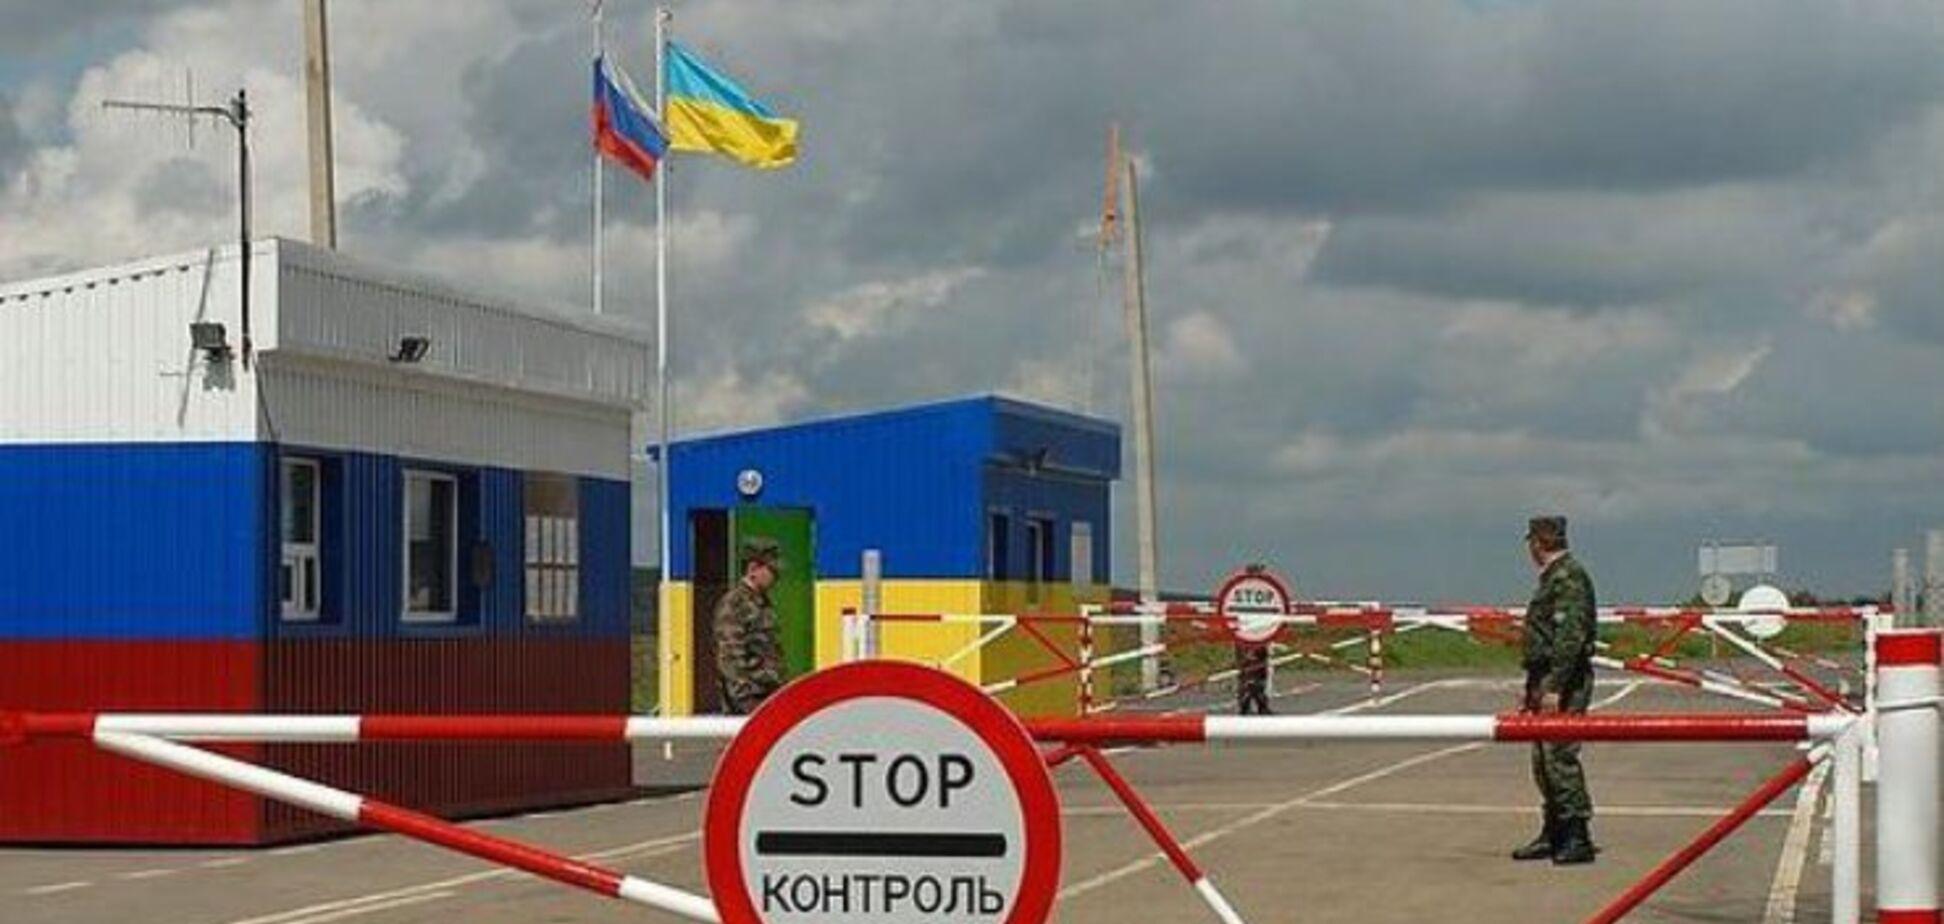 Як змінилися правила в'їзду в Україну для росіян: з'явилися нові деталі